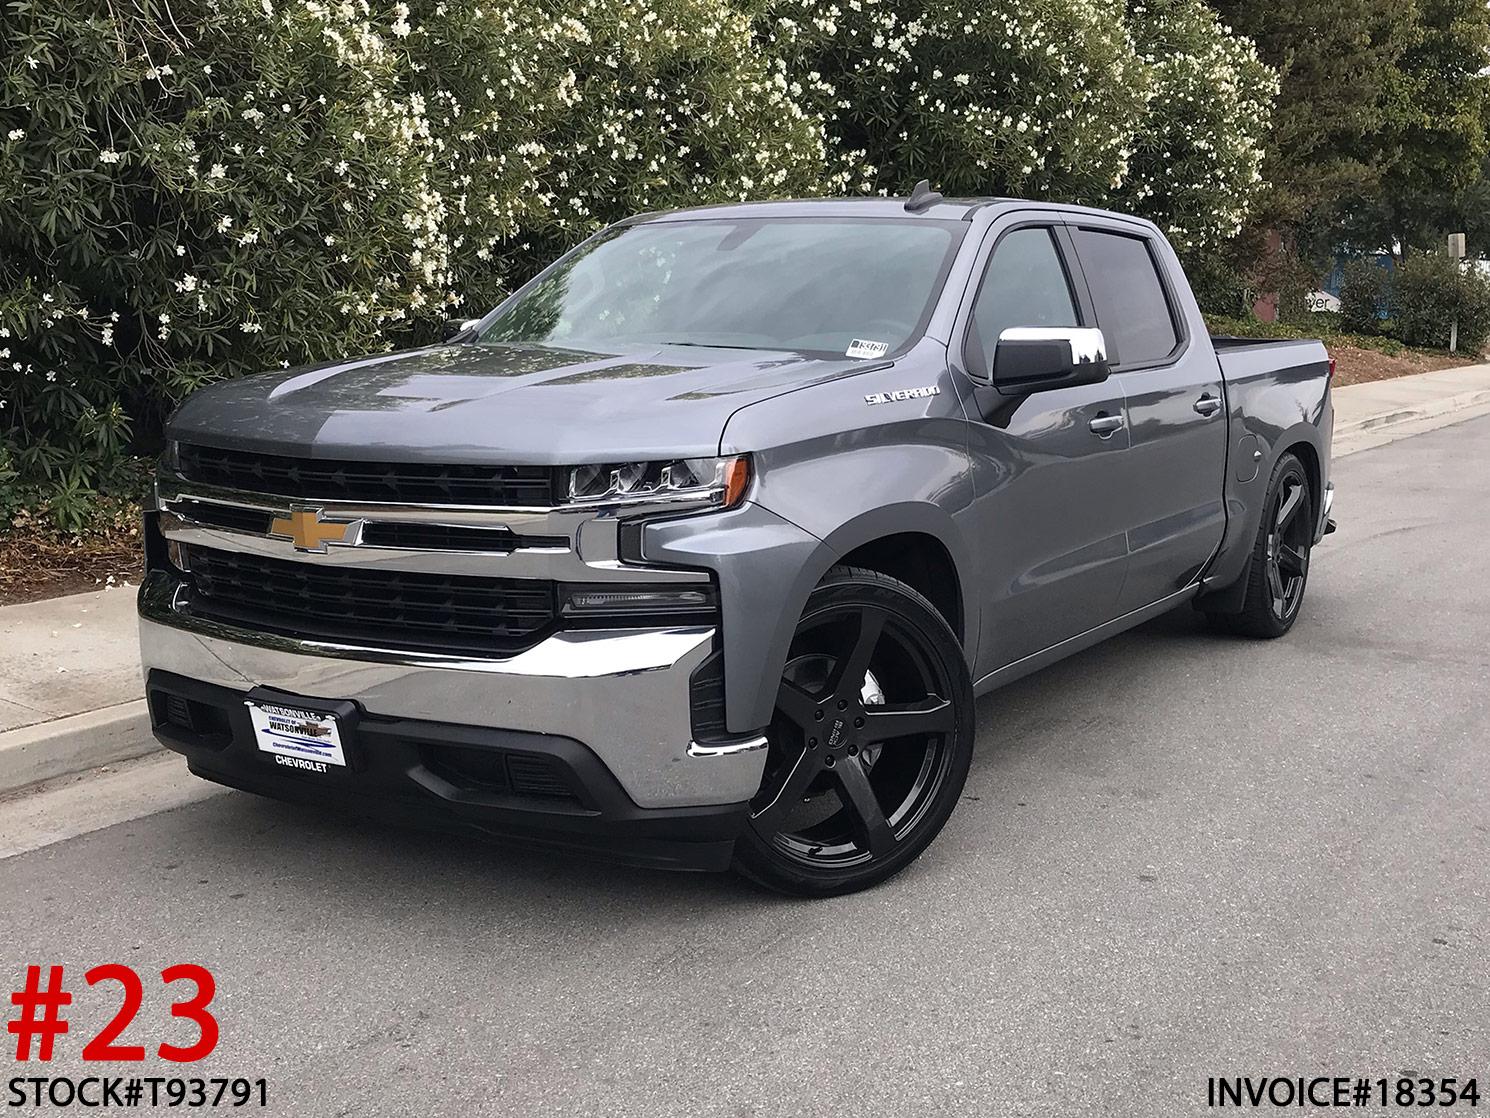 2019 CHEVY 1500 CREW CAB #T93791